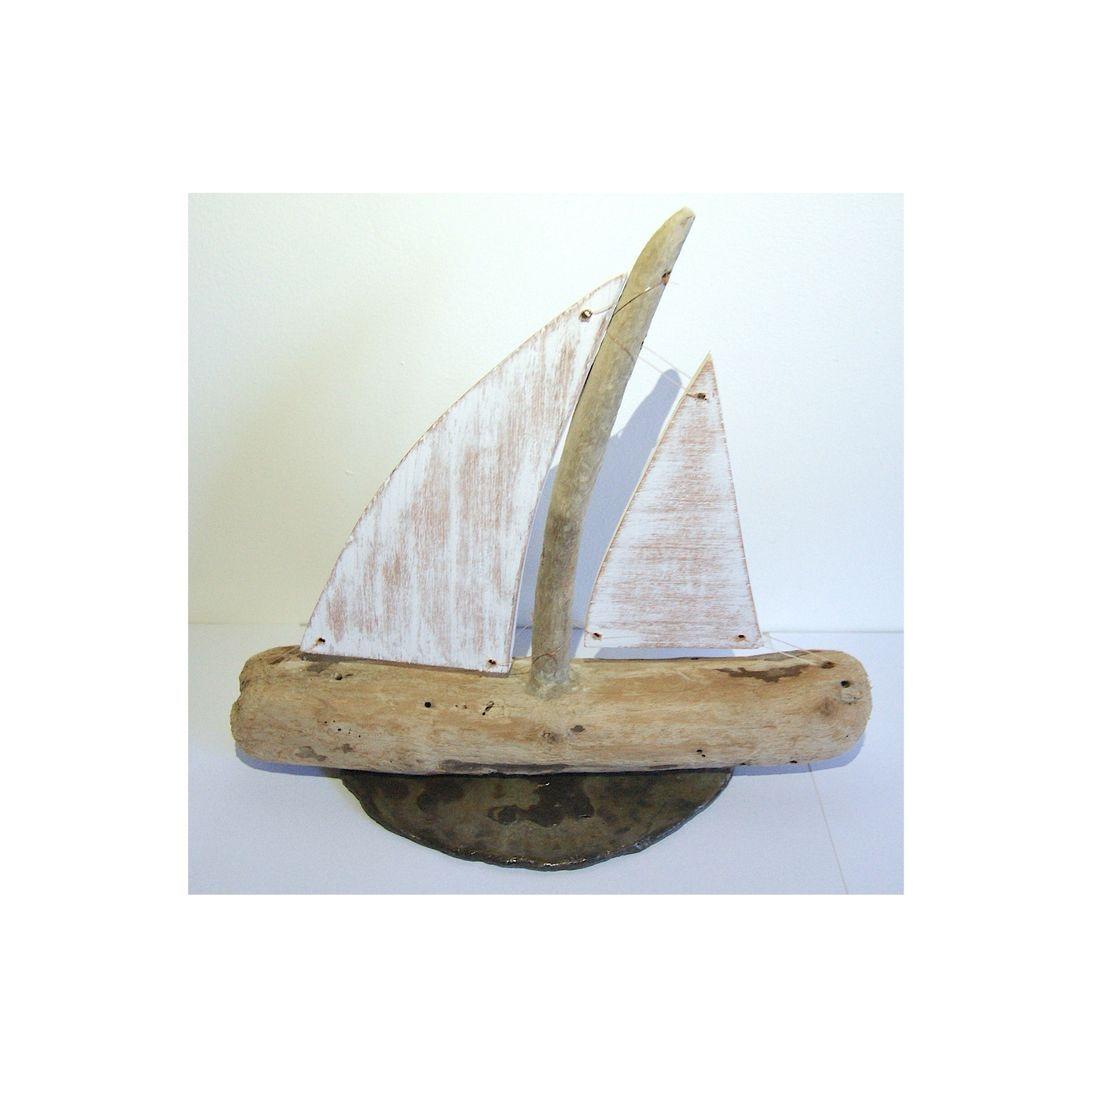 Driftwood boat 6